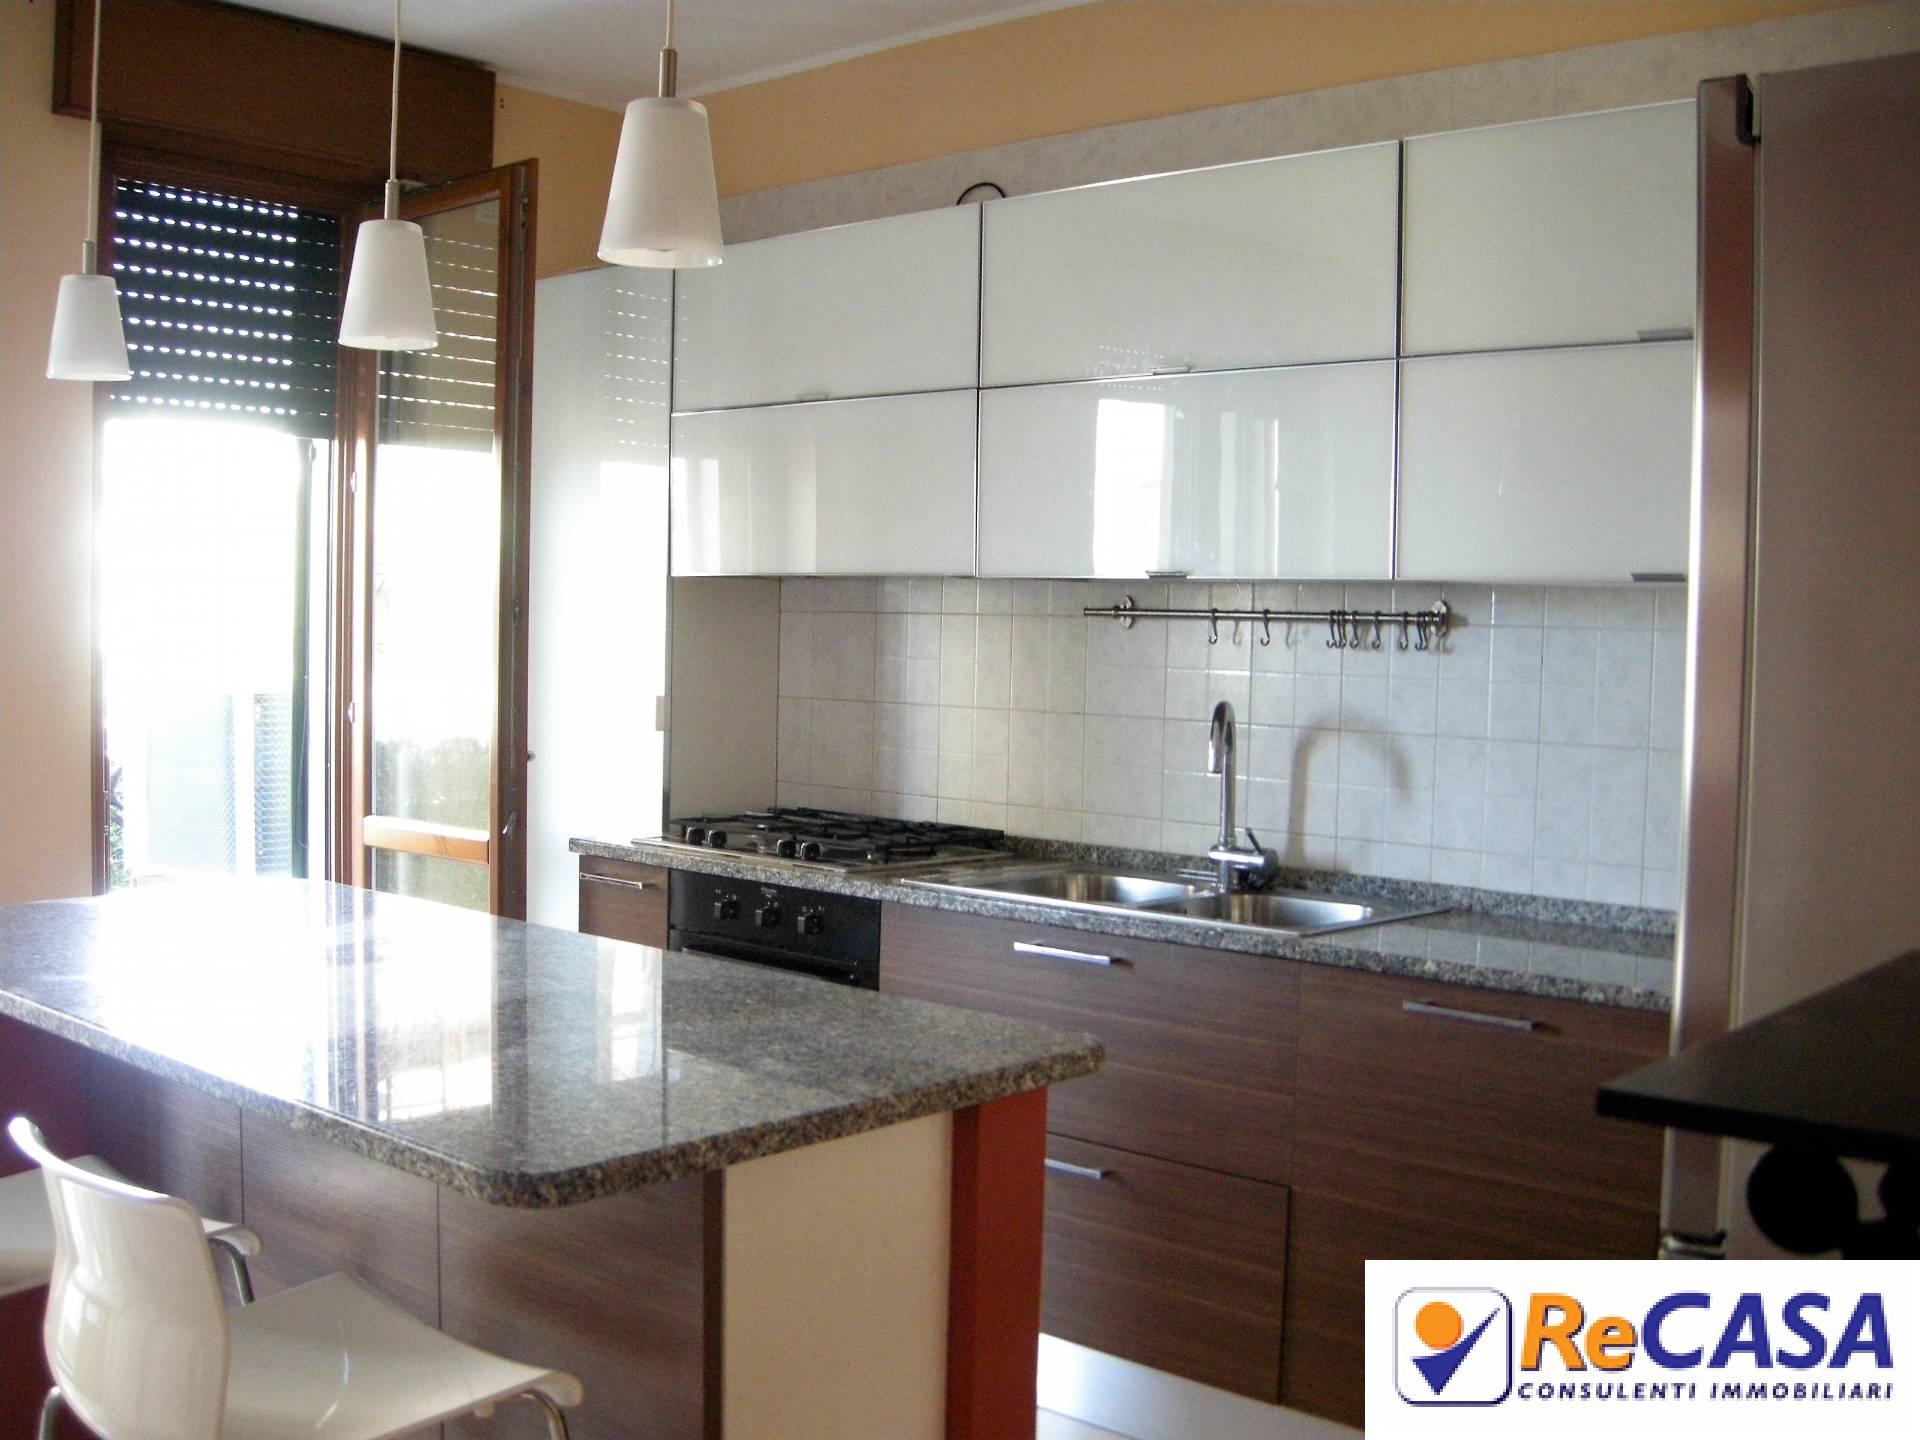 Appartamento in vendita a Montecorvino Pugliano, 4 locali, zona Località: BivioPratole, prezzo € 145.000 | CambioCasa.it